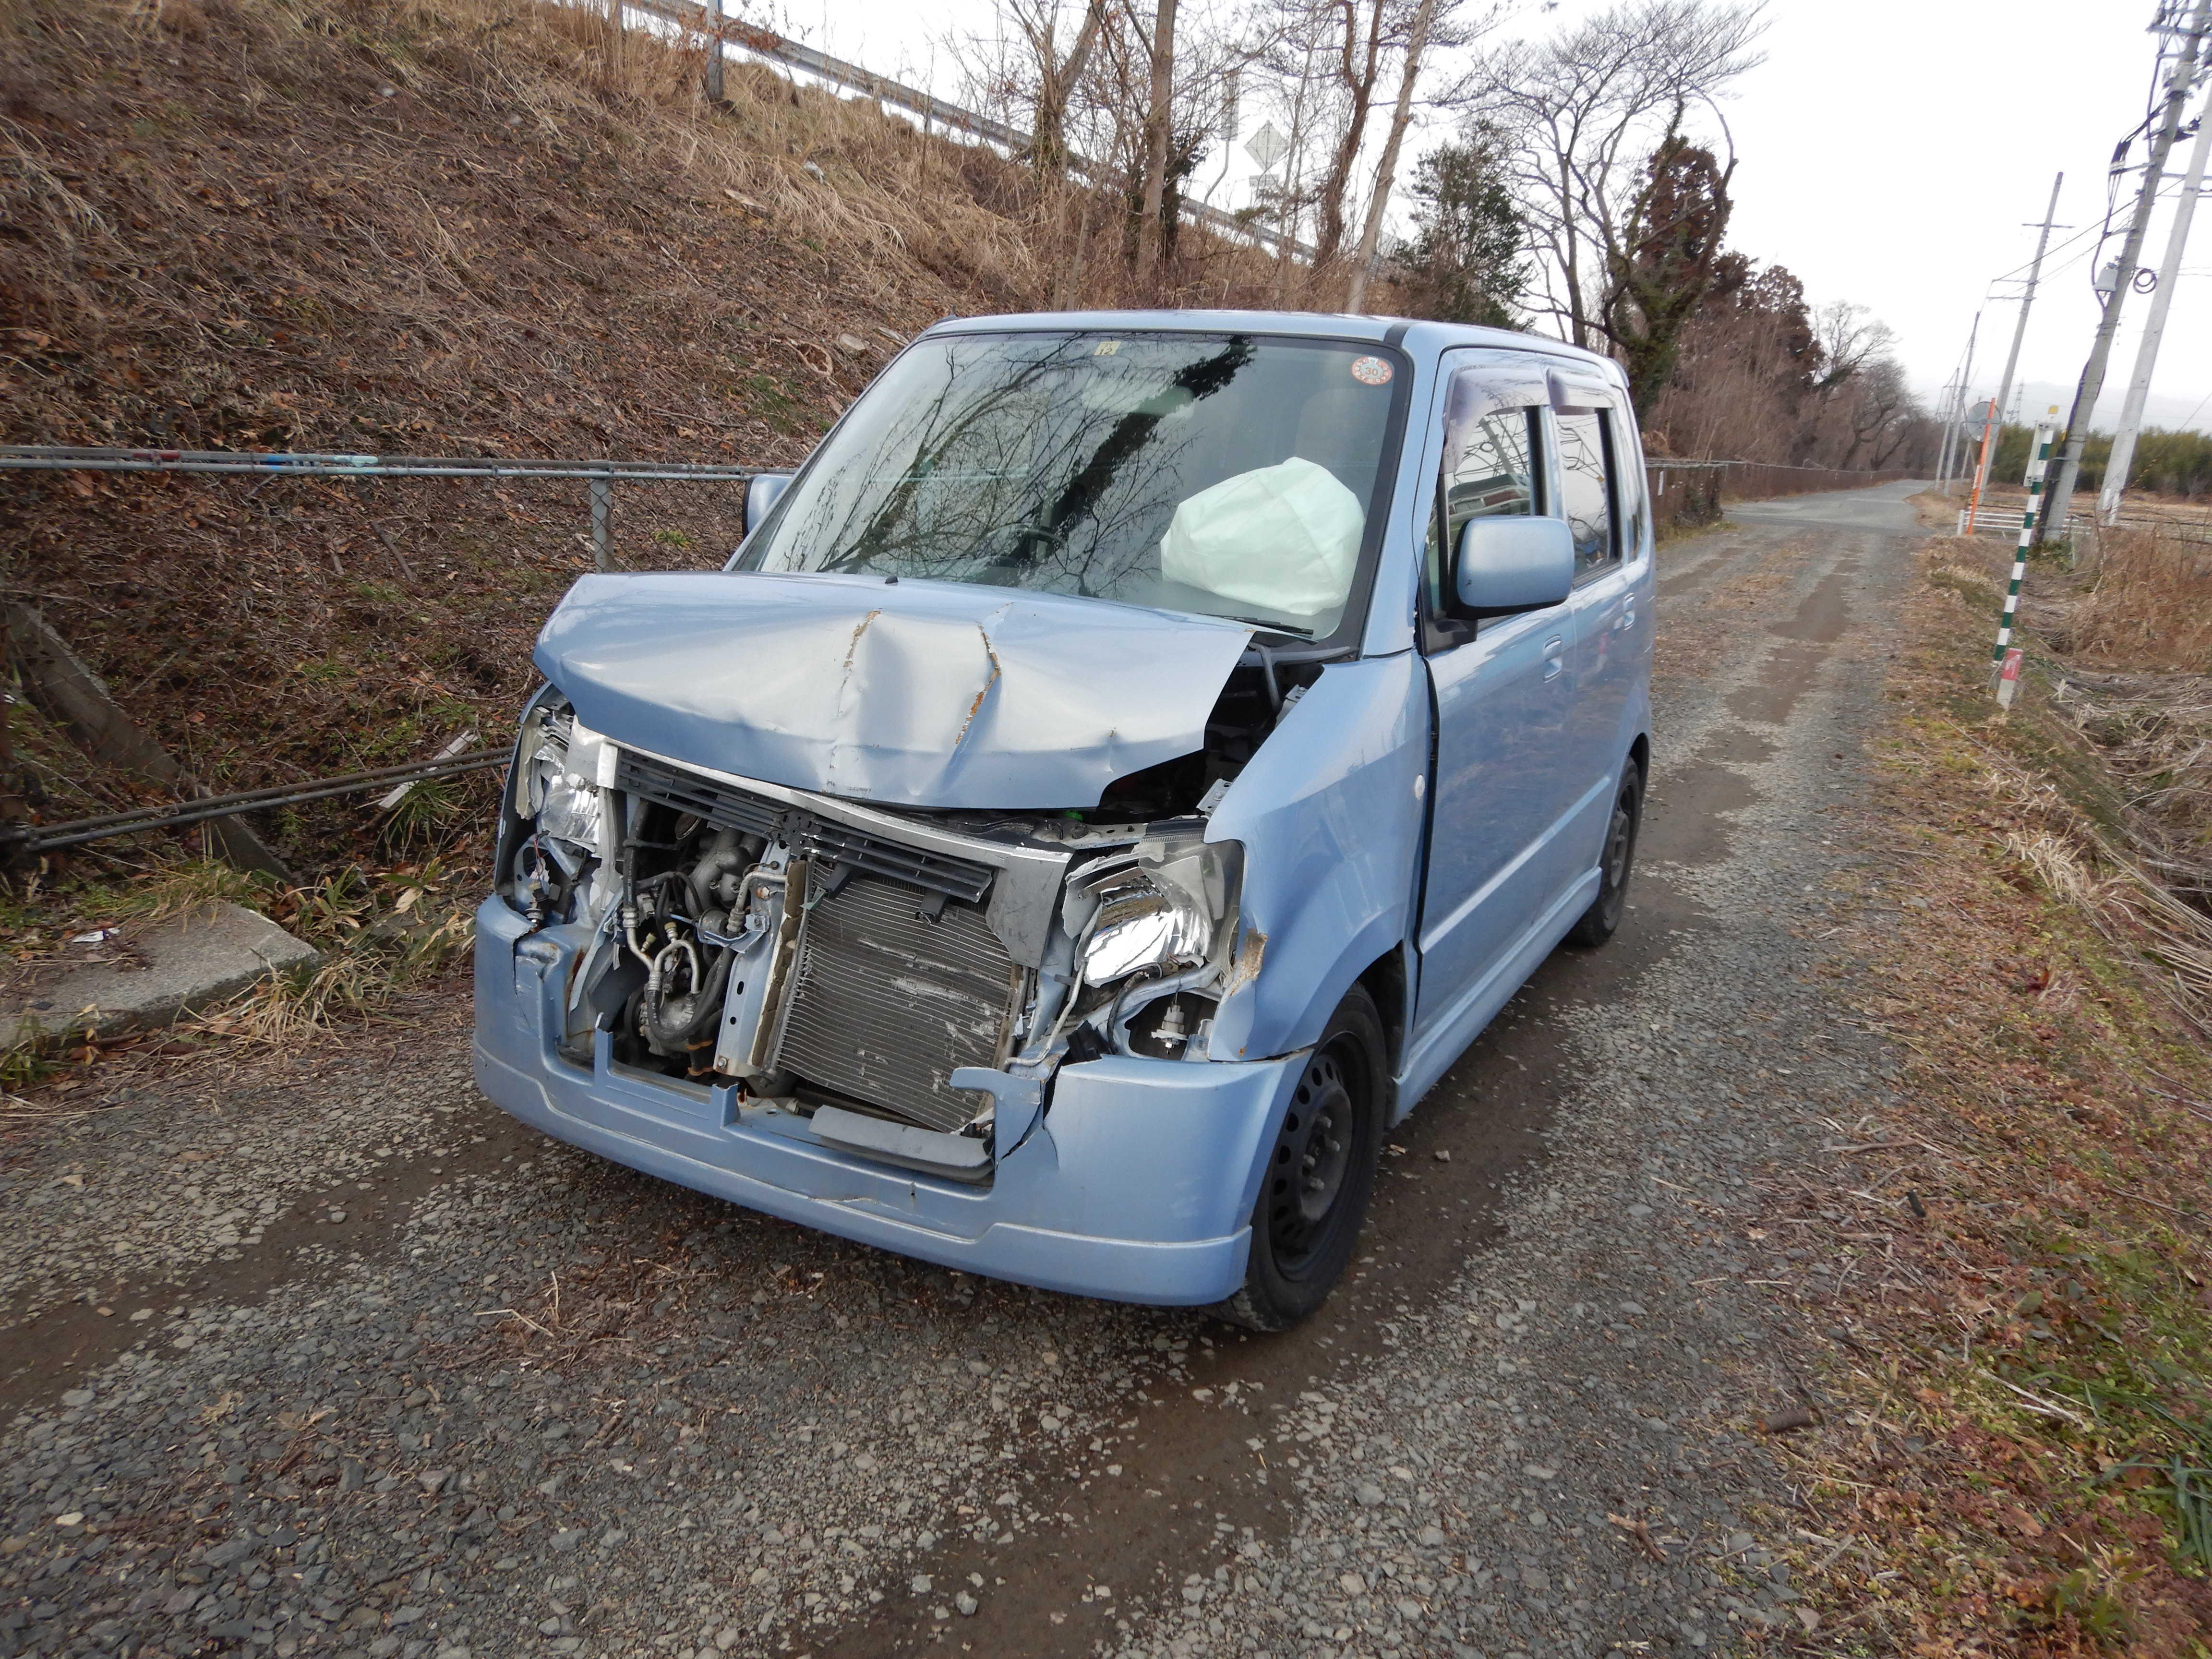 スズキ ワゴンRリミテッド 廃車 解体車 事故現状車